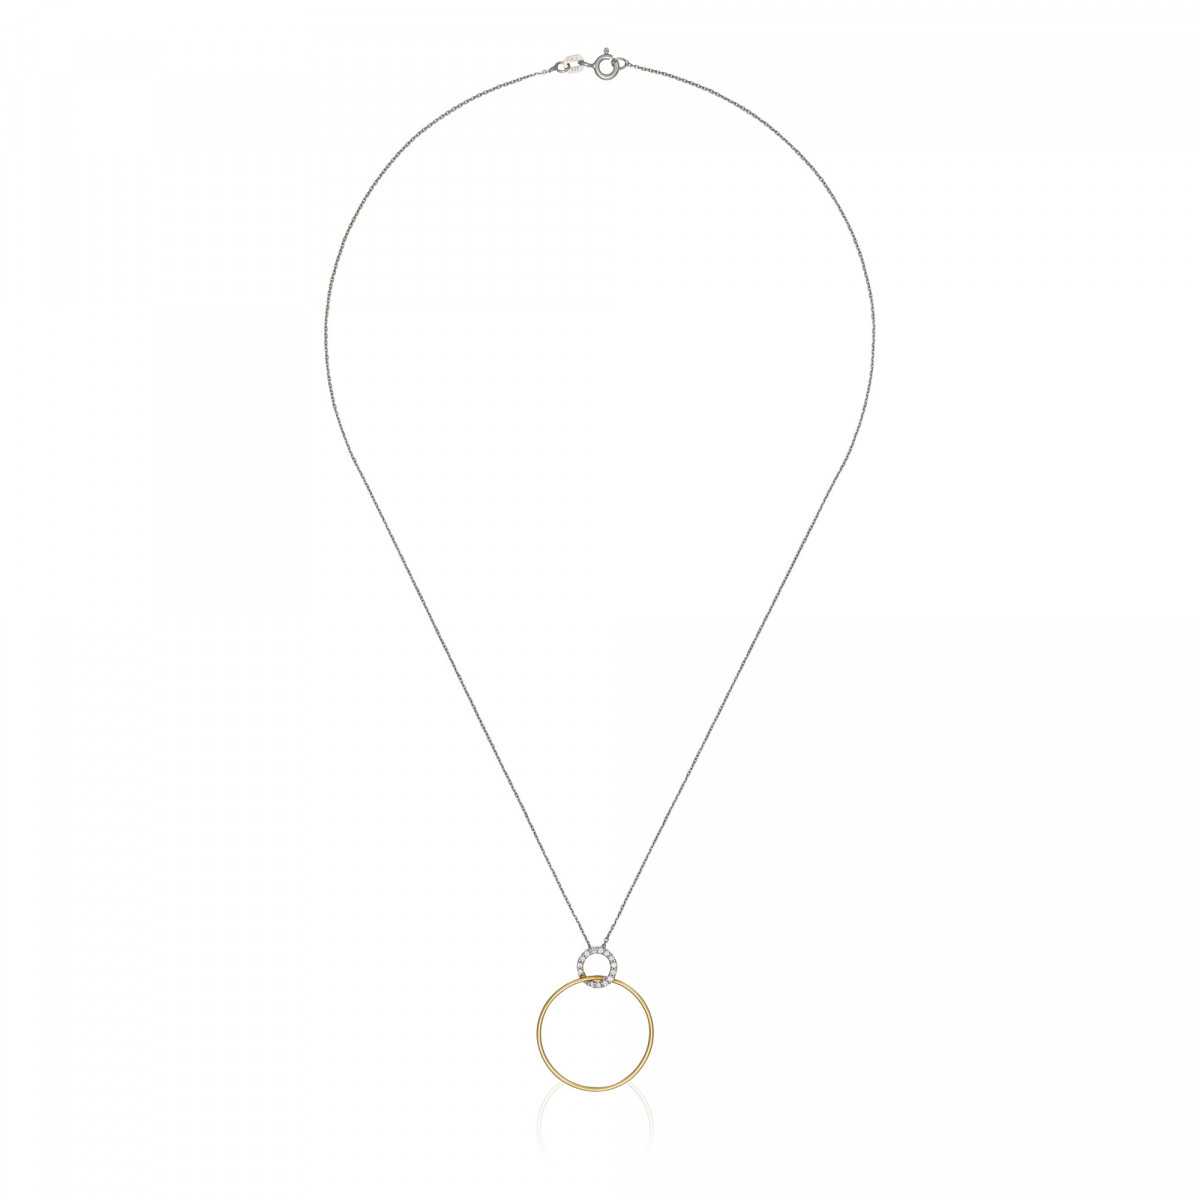 """Pendentif Or Bicolore """"ACROBATE"""" Diamants 0,09 carat + chaine argent offerte"""